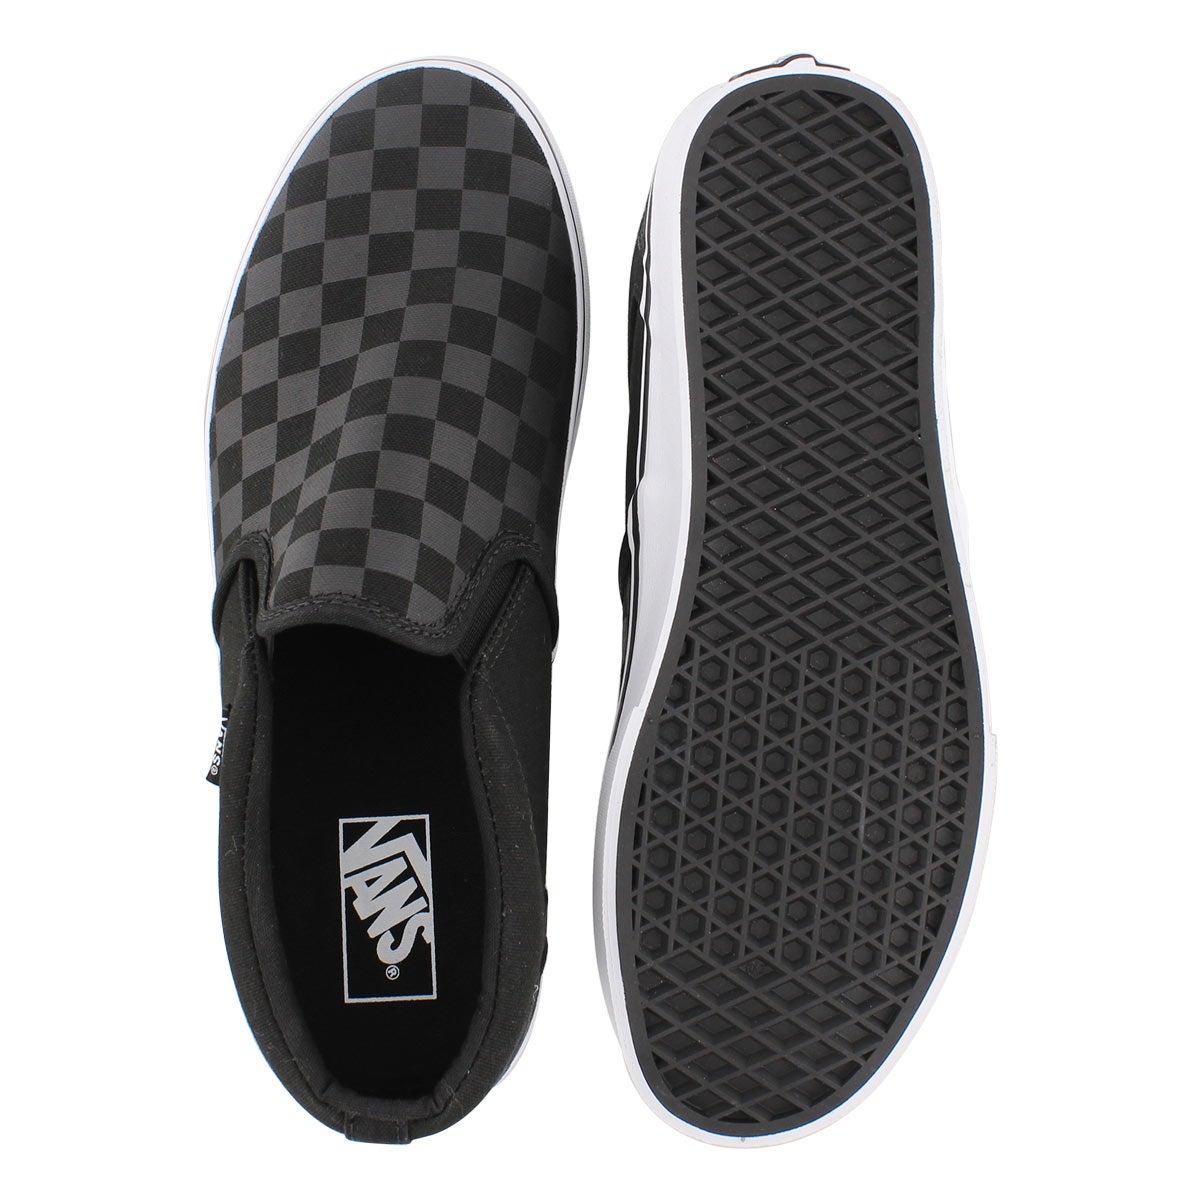 Mns Asher black checkered slipon sneaker